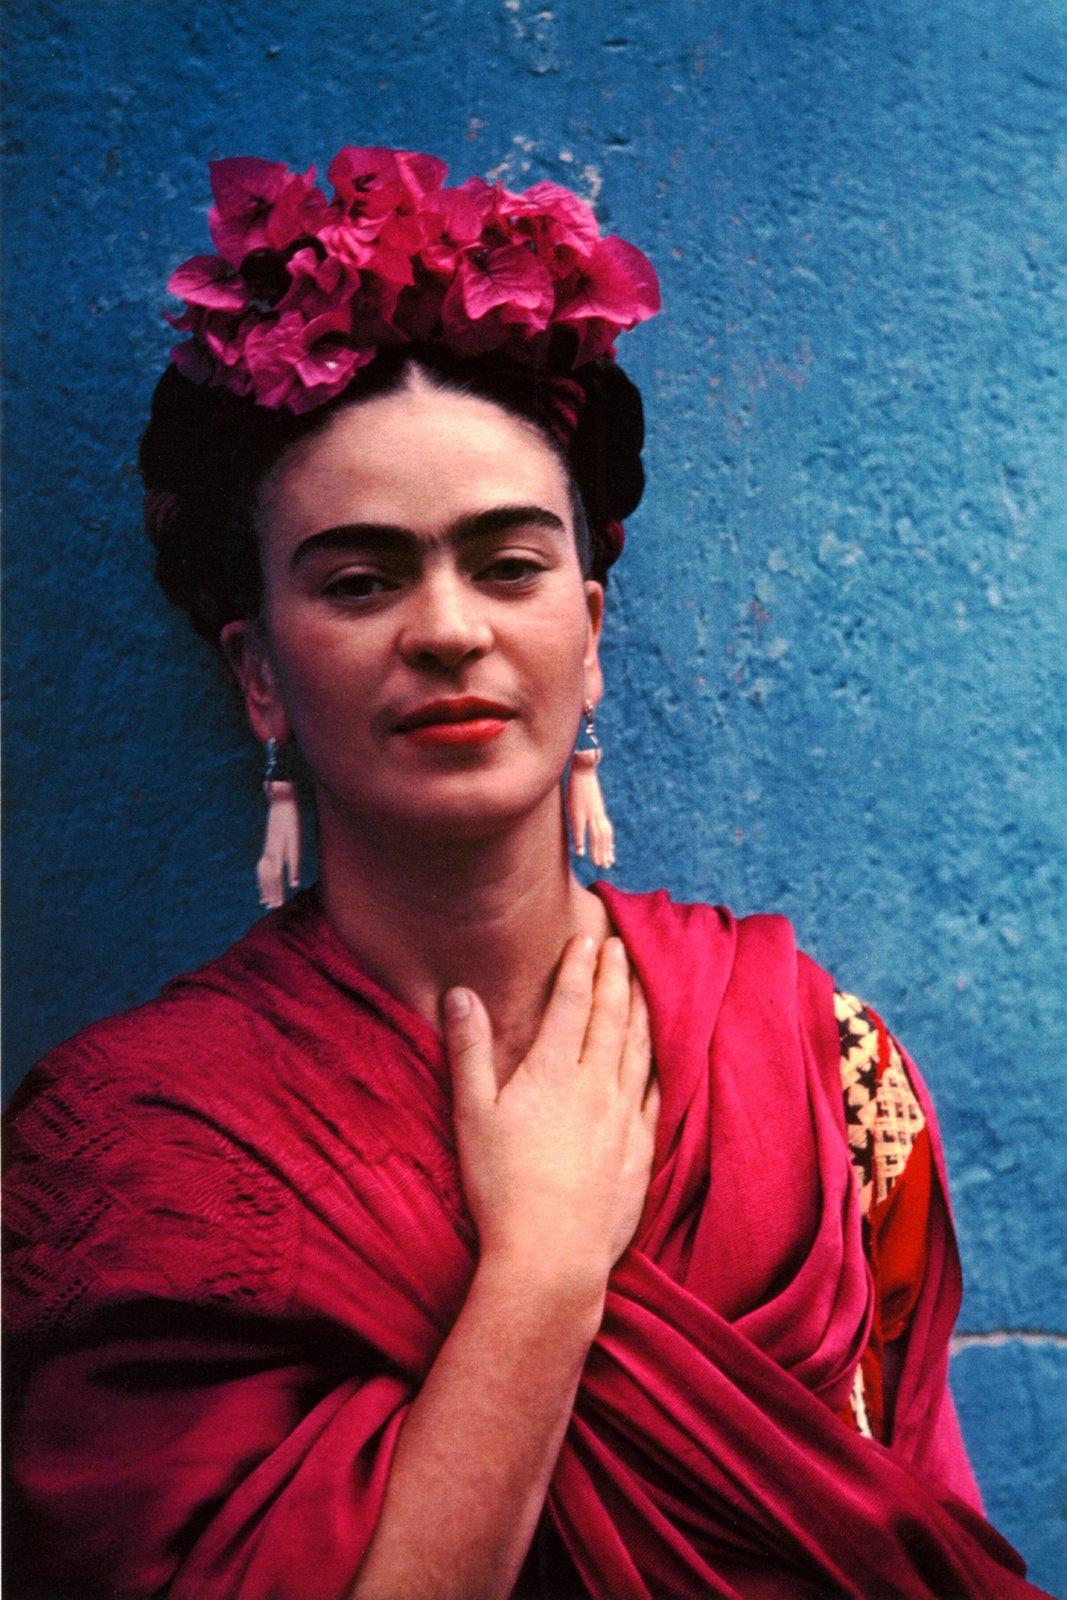 Escoffiando O Segredo De Frida Kahlo